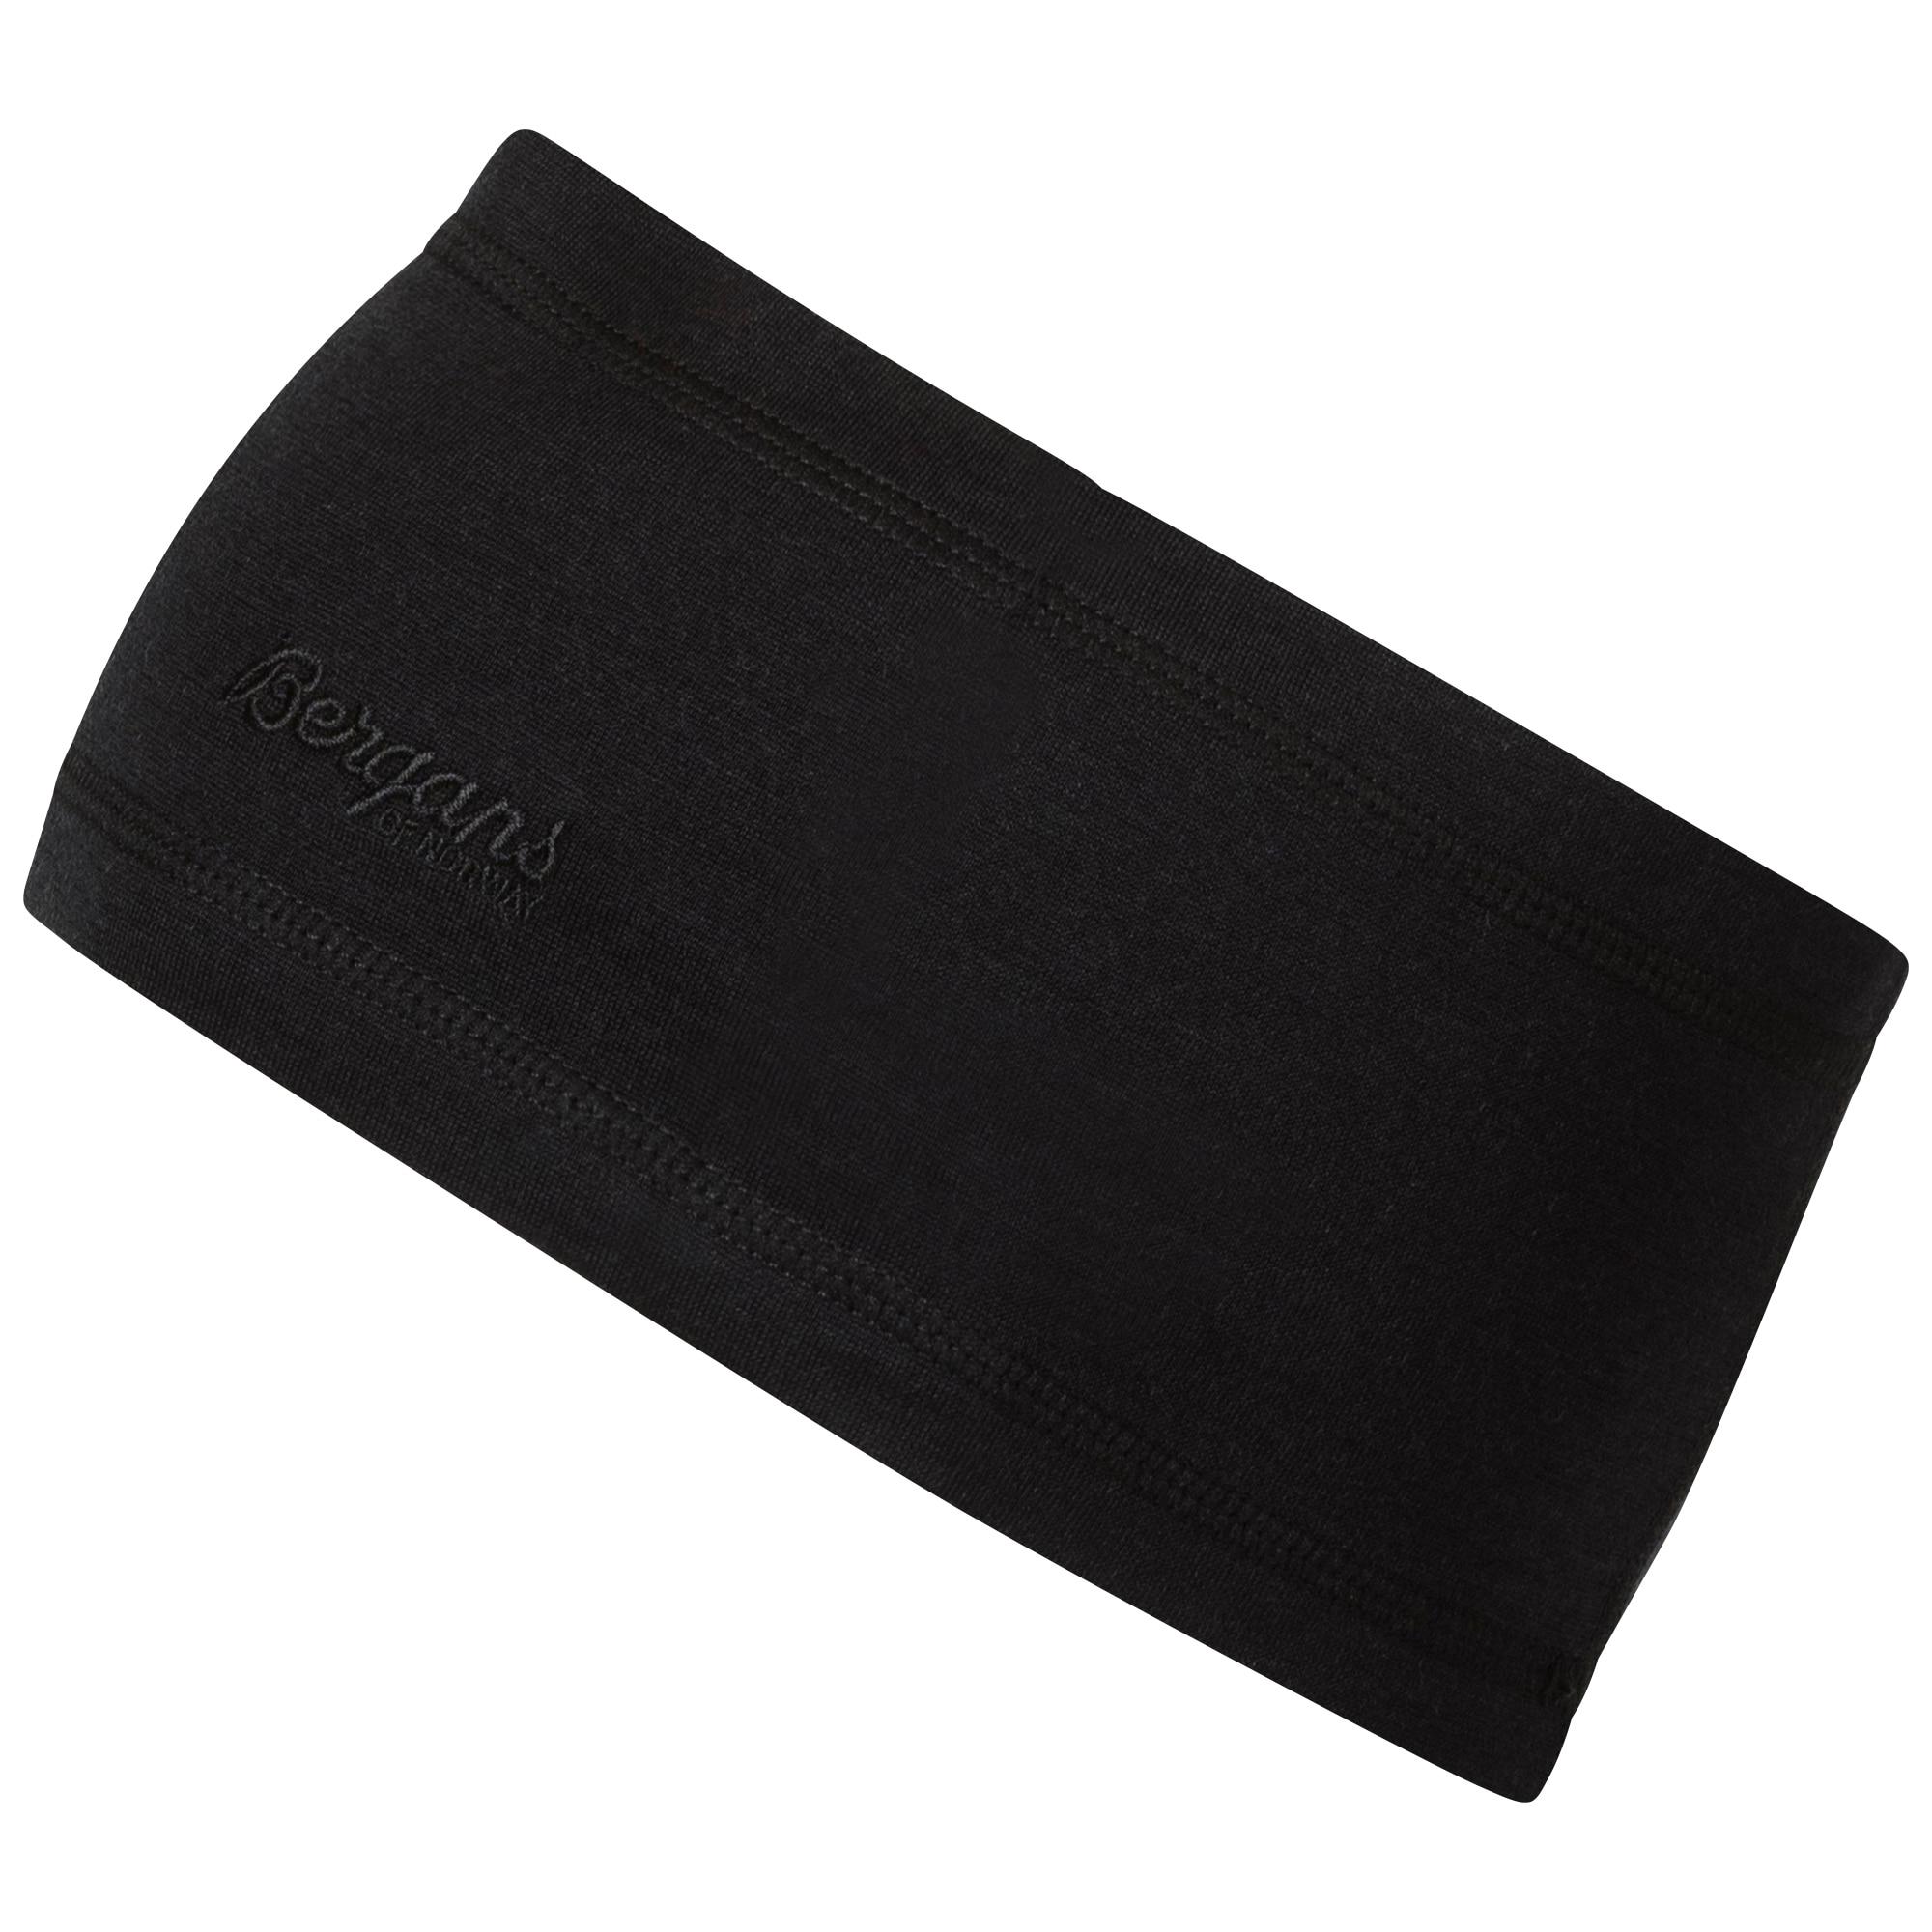 Bergans Wool Headband